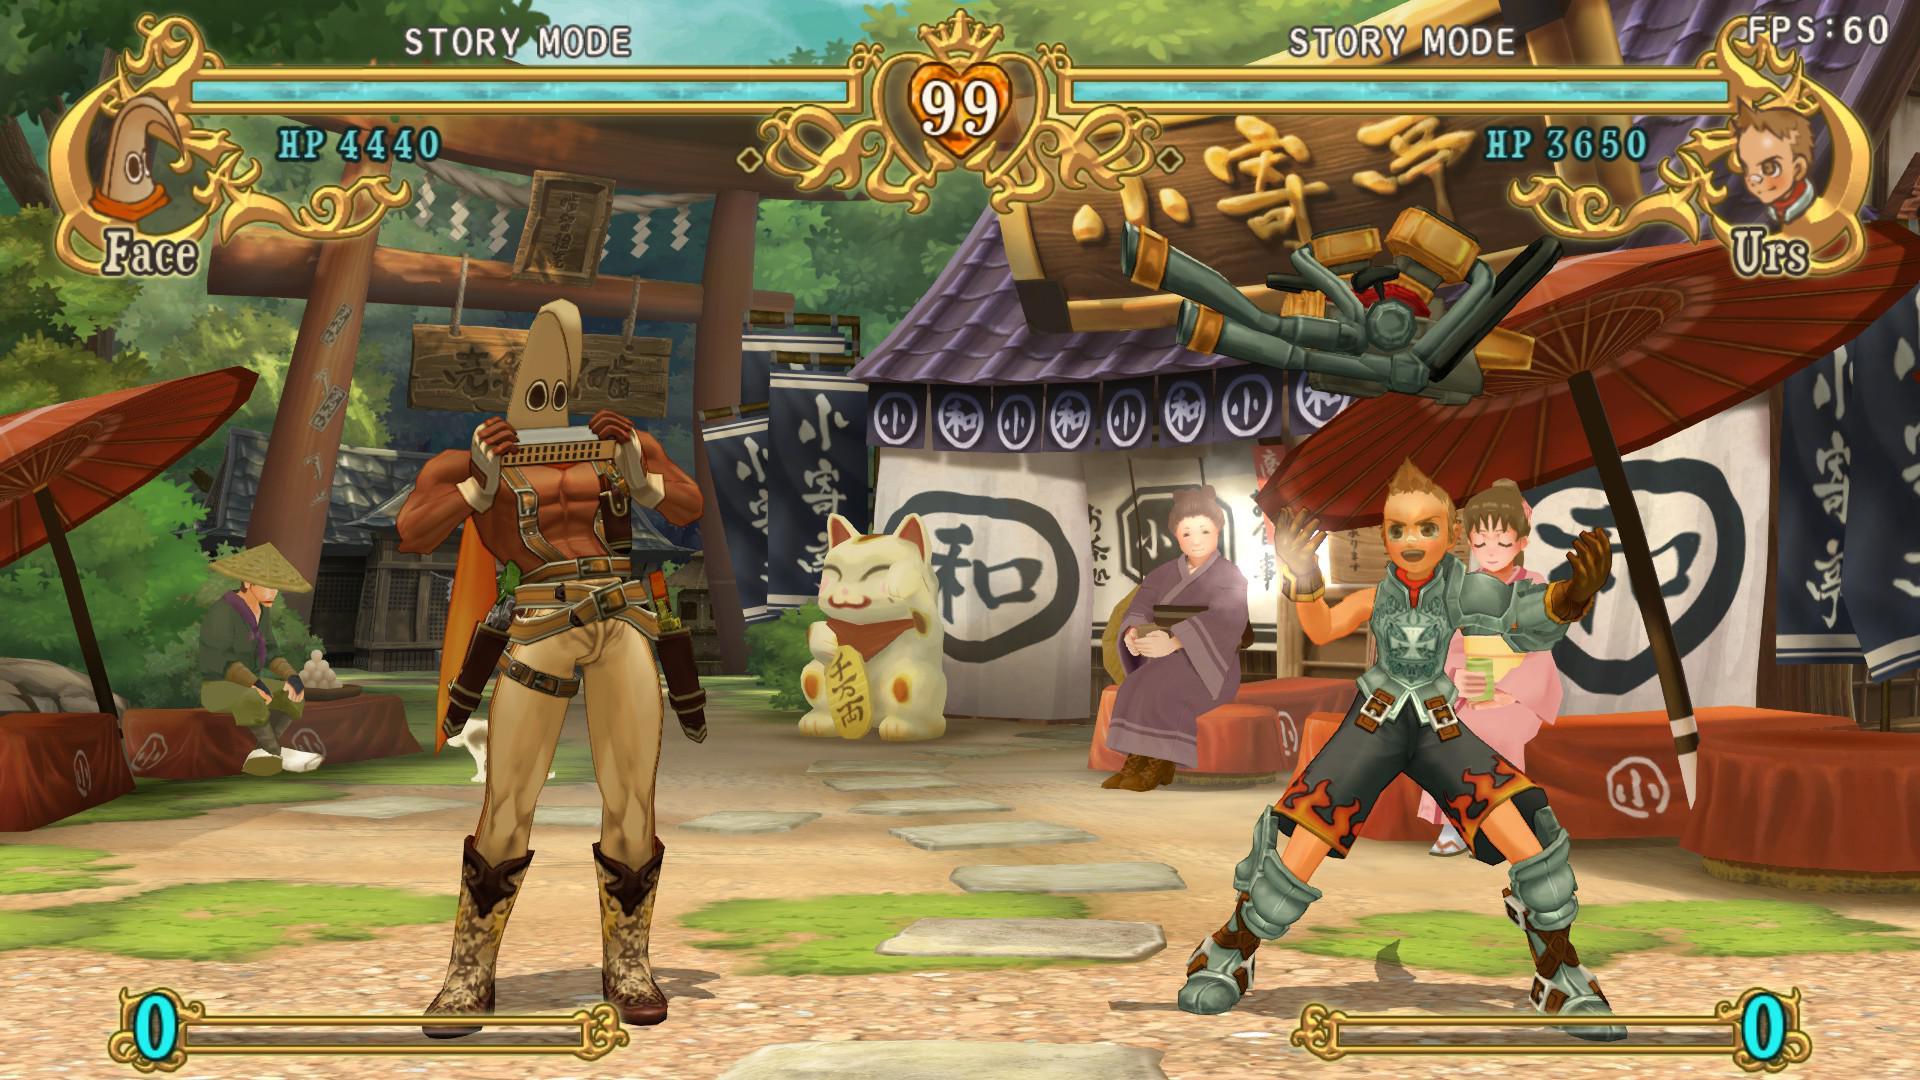 PC版『バトルファンタジア』。11月25日のアップデートで解像度制限がなくなり。全ハード中もっとも豪華な画質になった。